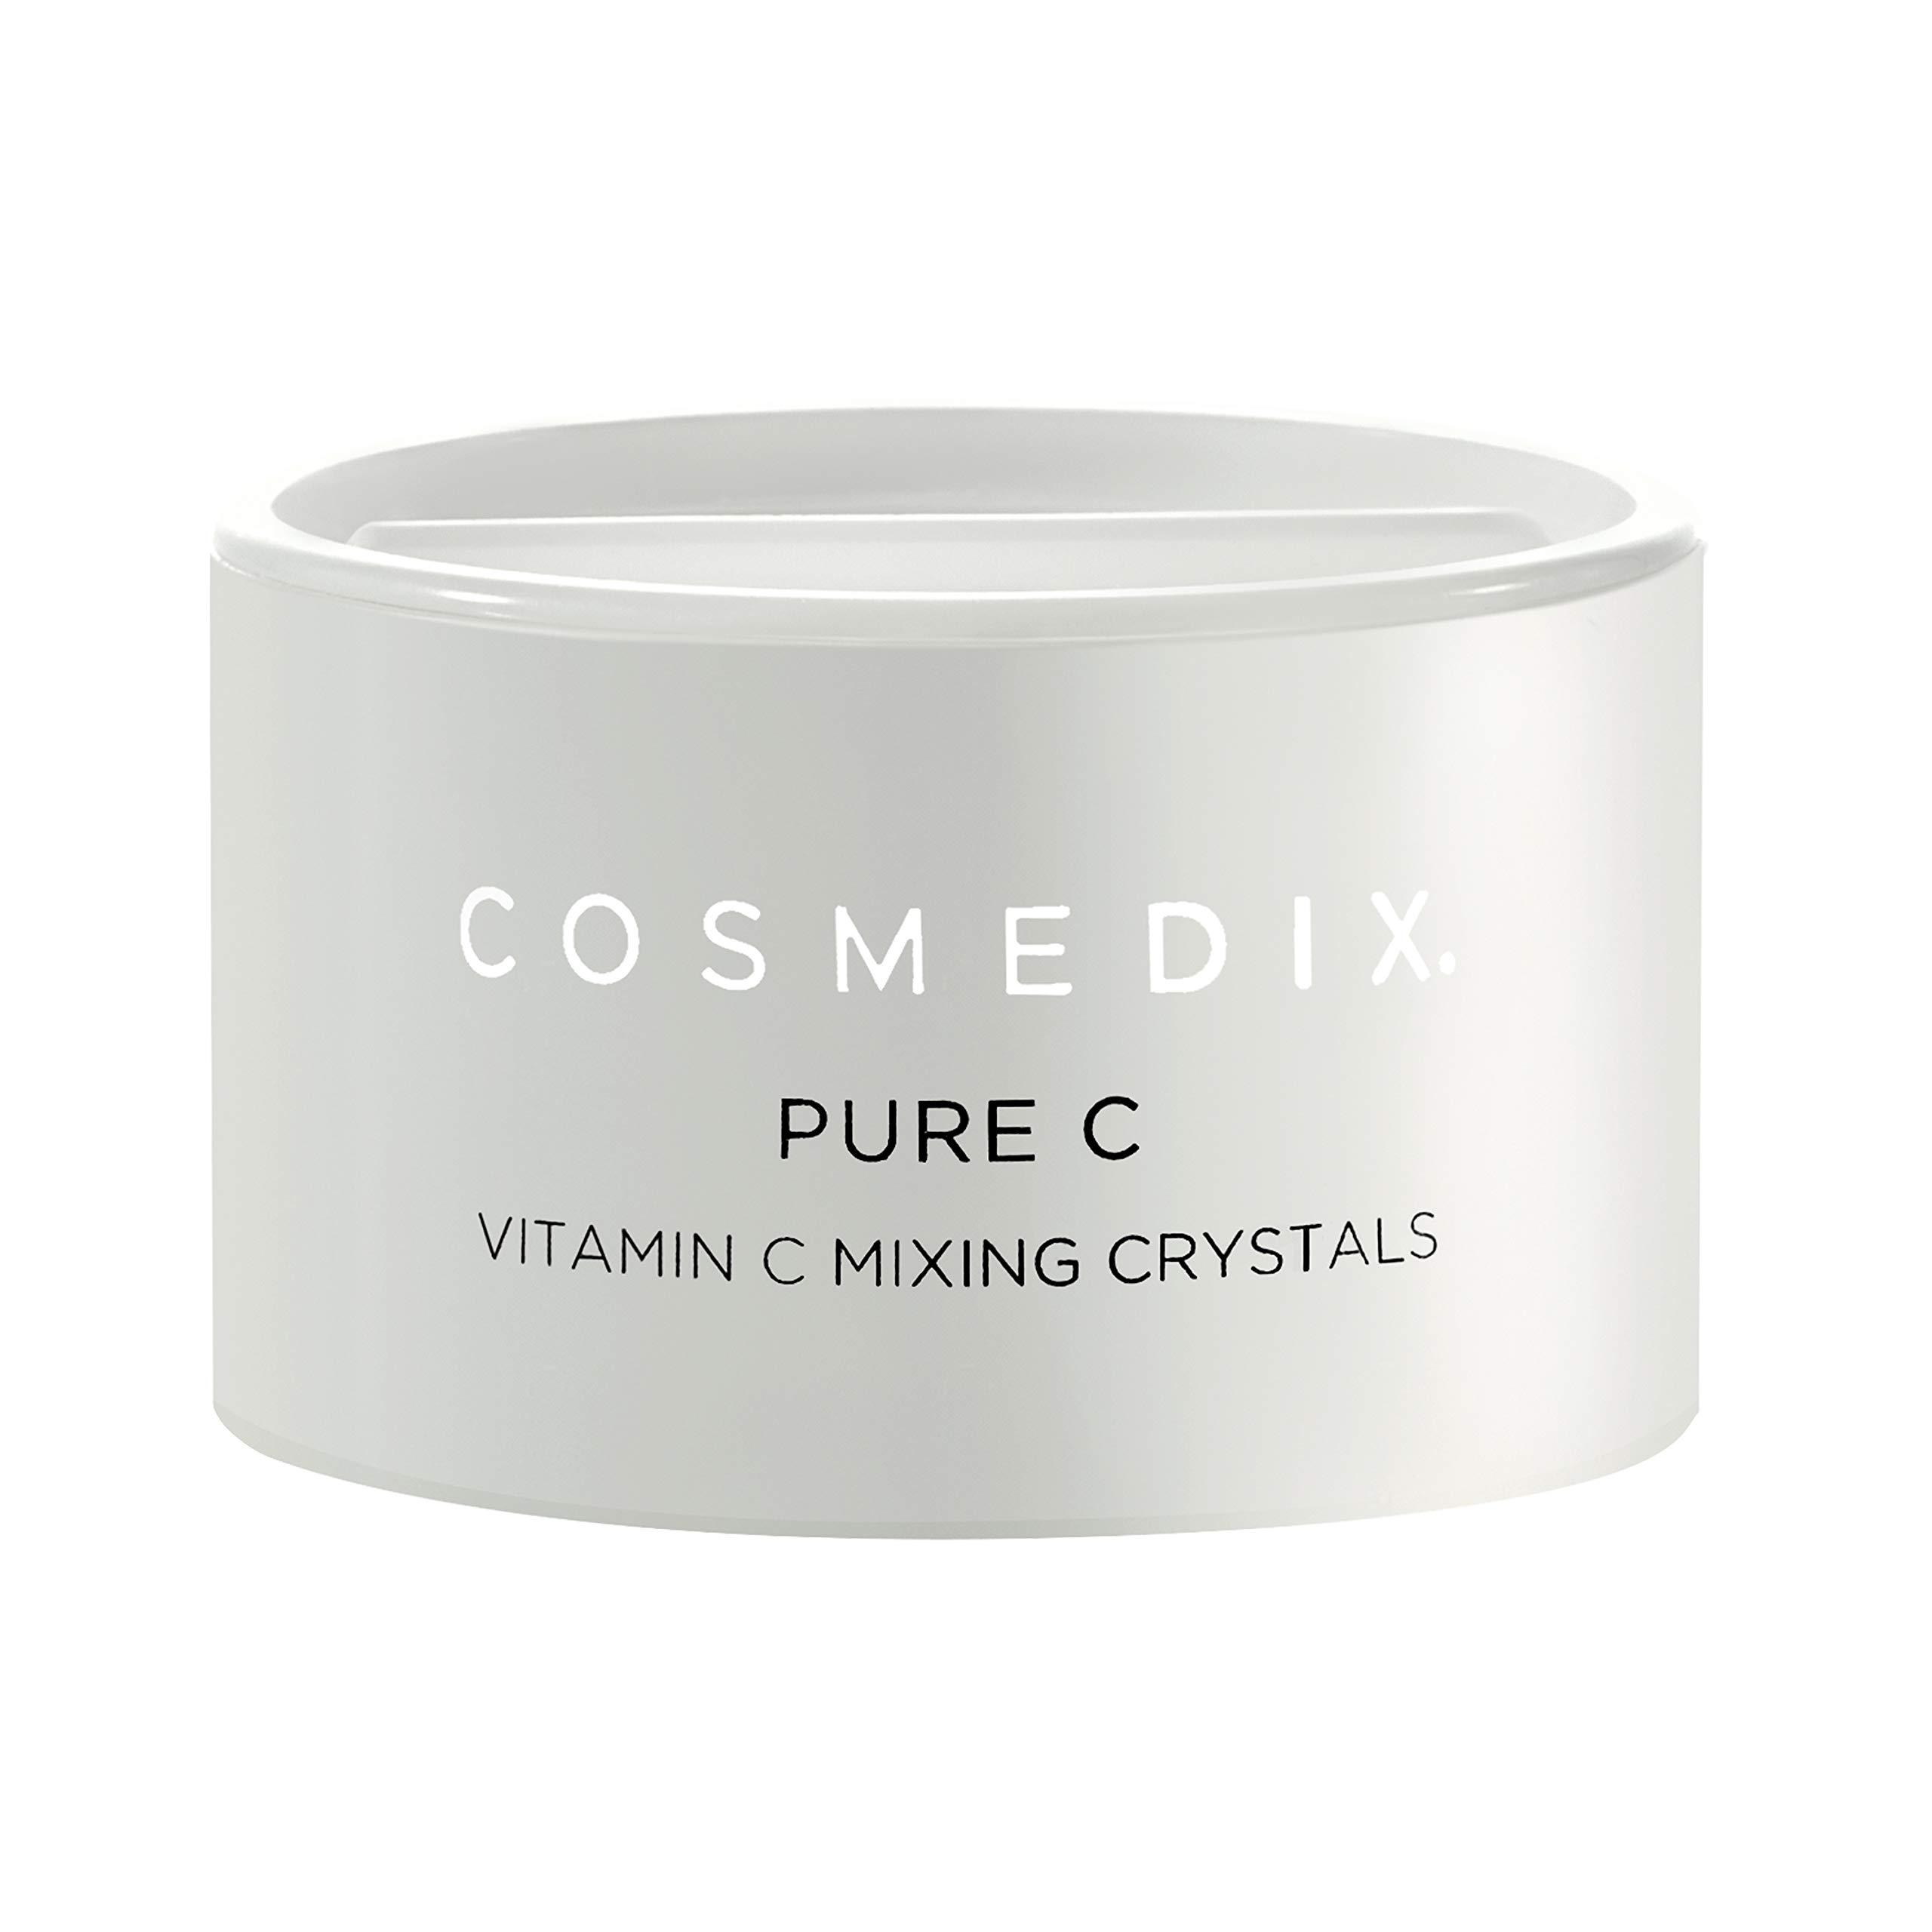 CDM product COSMEDIX Pure Mixing Crystals Vitamin C Powder, 0.2 oz big image